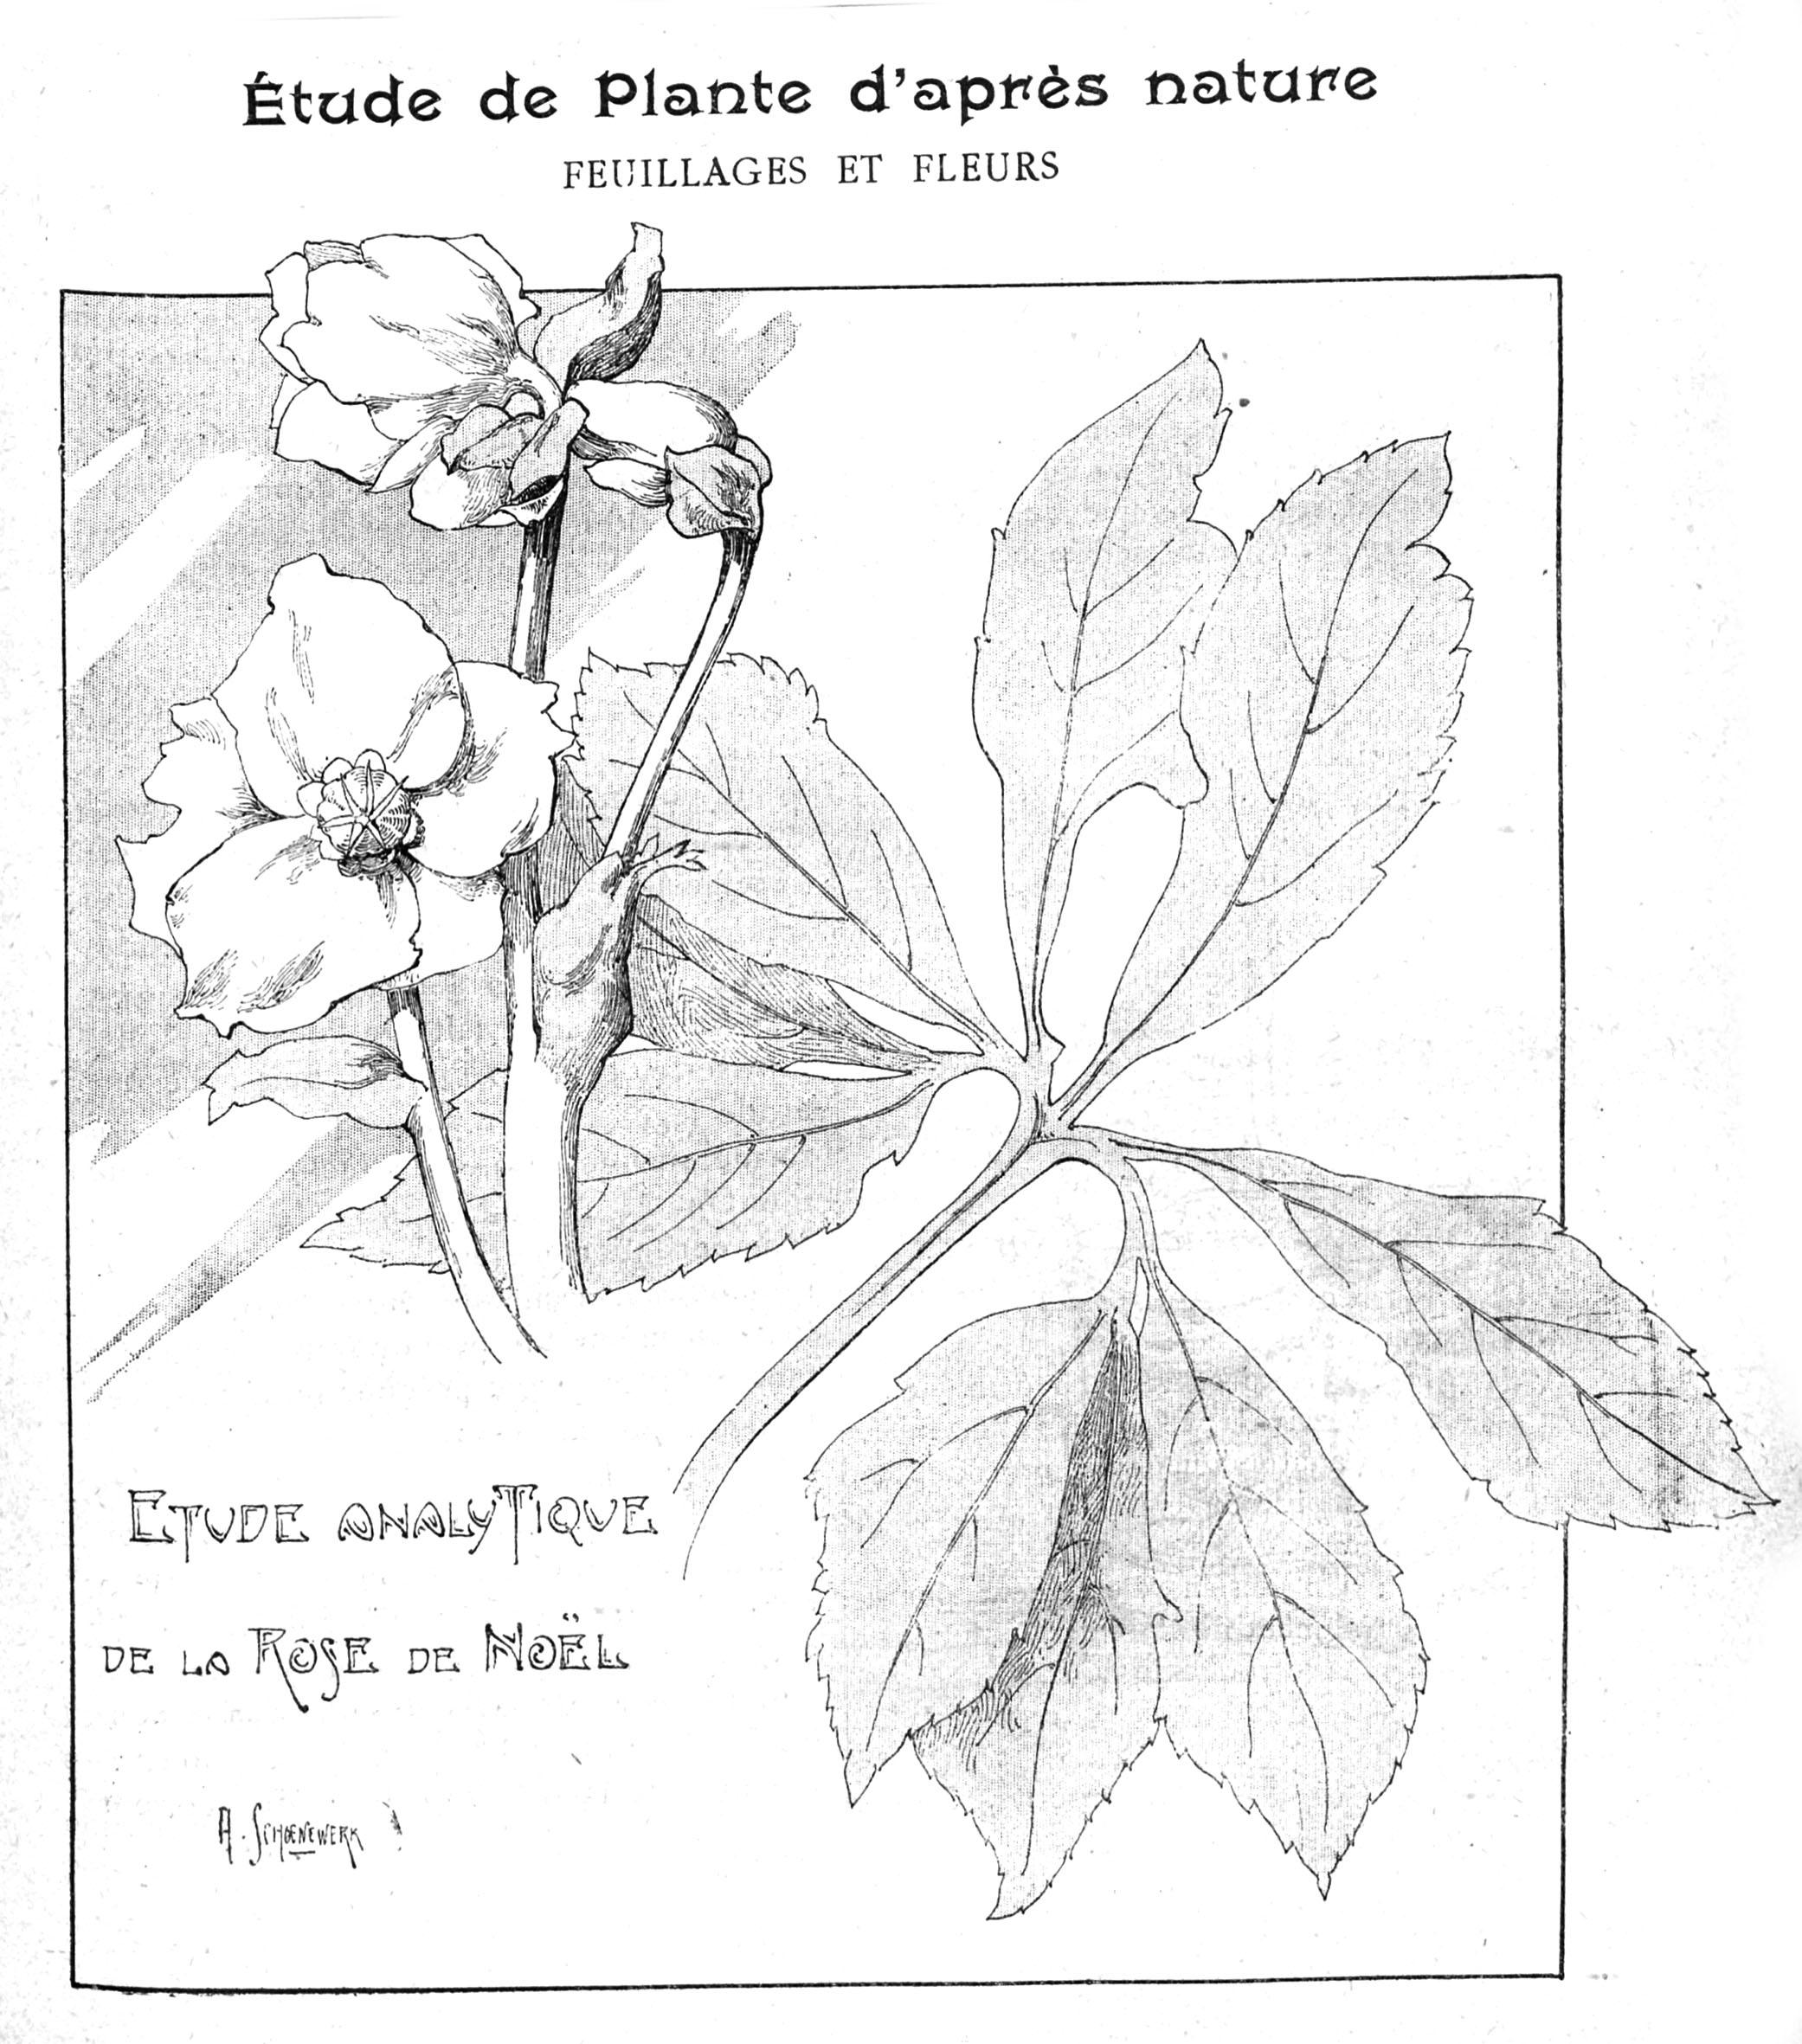 Etude de fleur